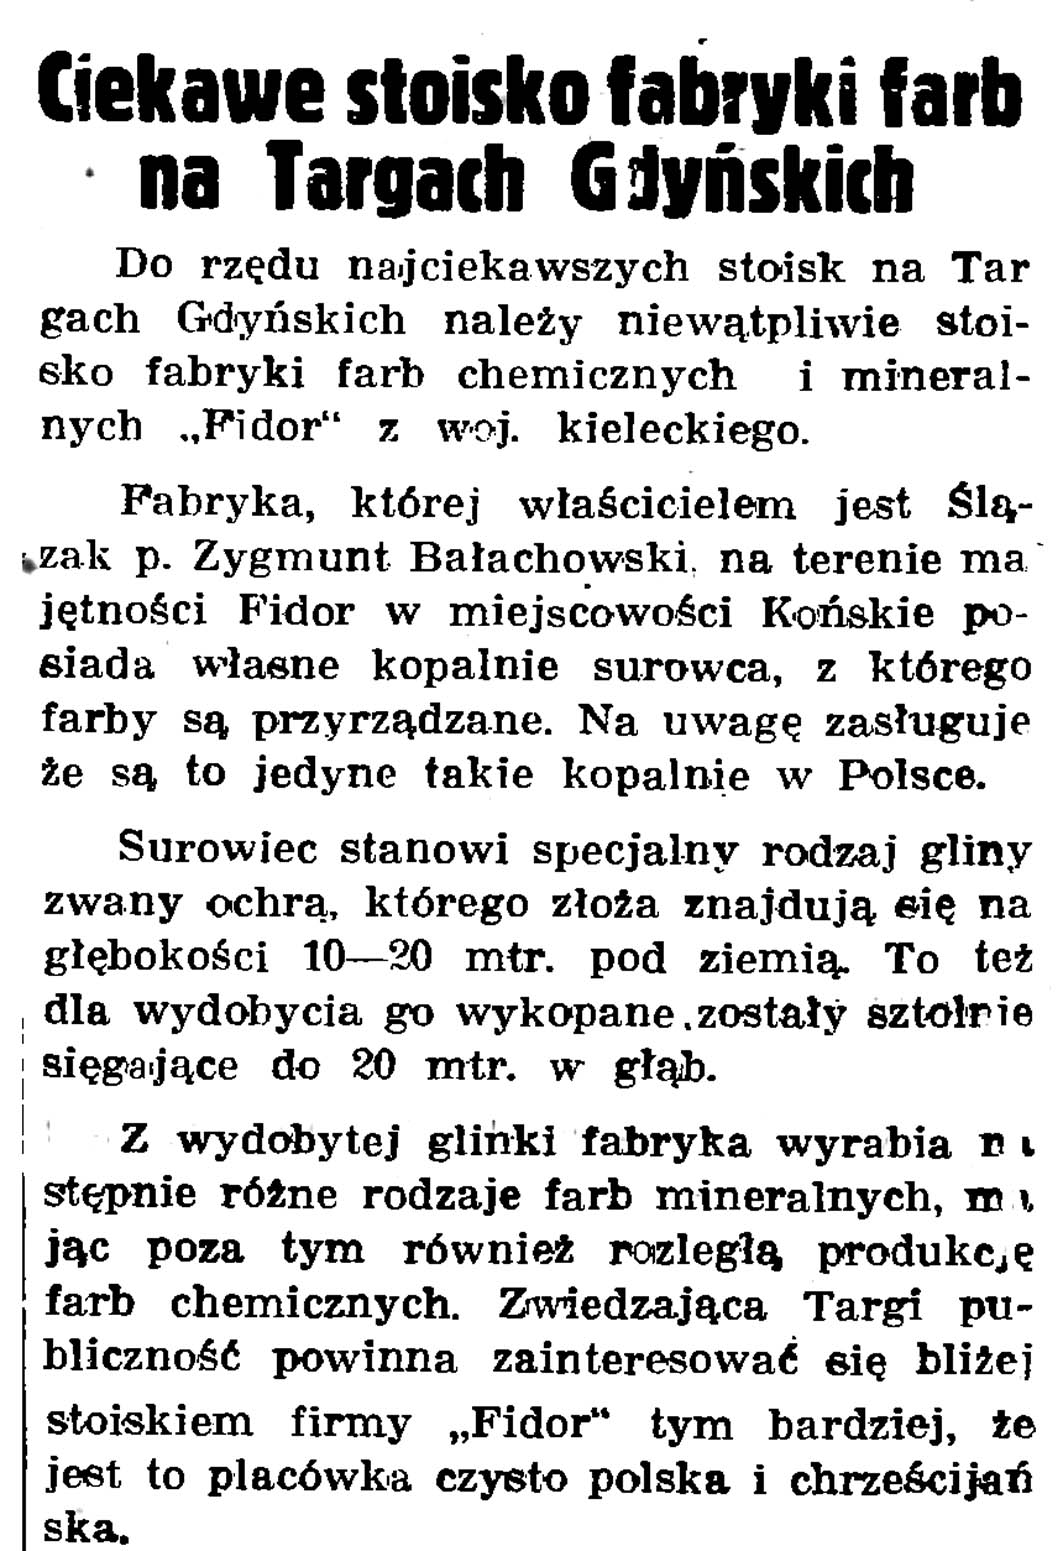 Ciekawe stoisko fabryki farb na targach Gdyńskich // Gazeta Gdańska. - 1937, nr 148, s. 8